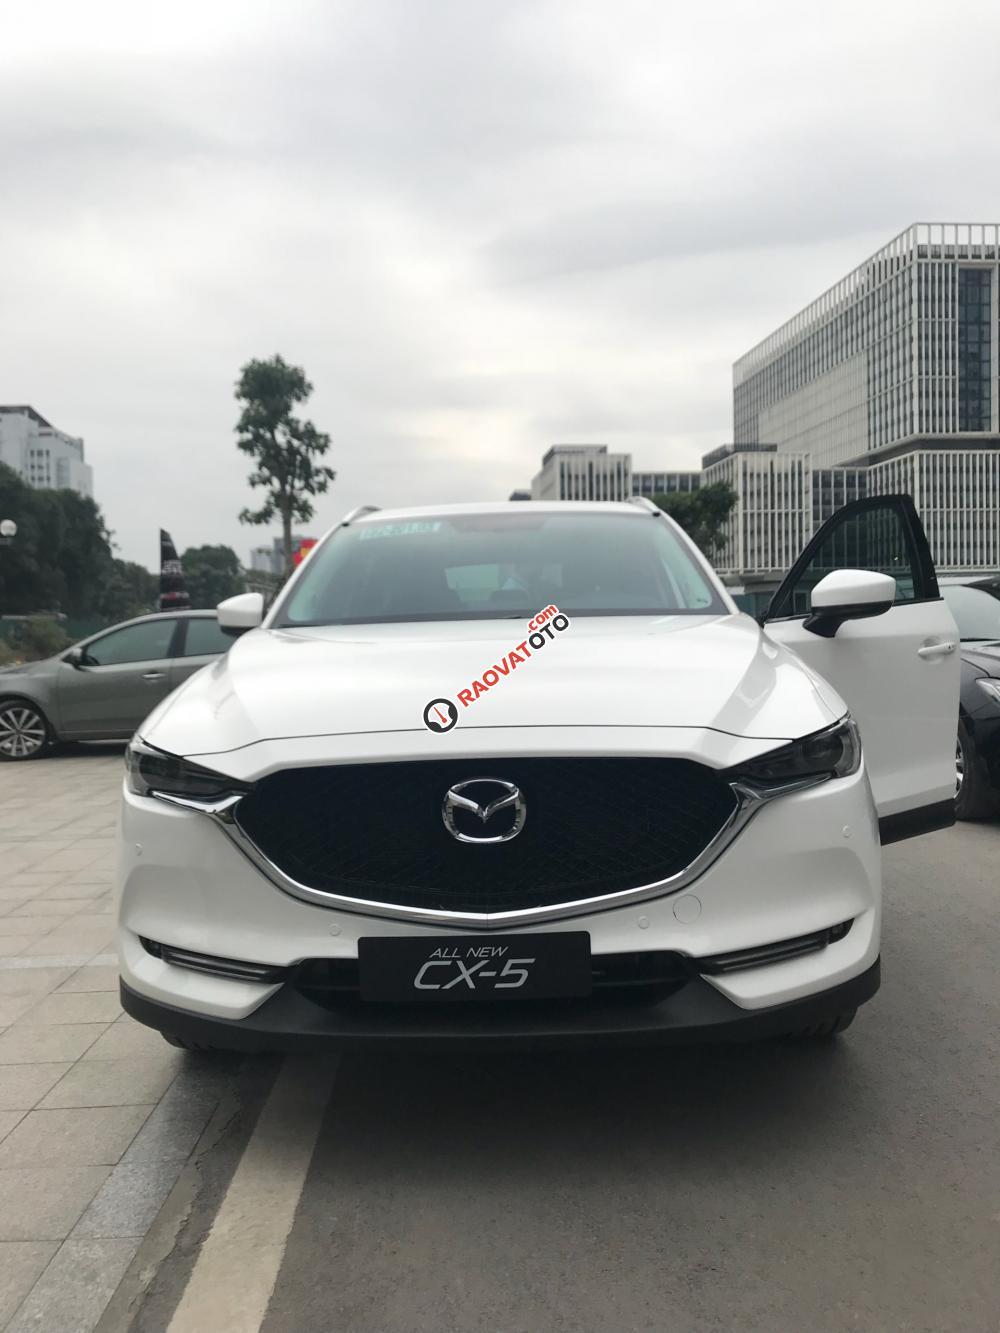 Bán xe CX5 model 2018 đầy đủ màu giao xe trong ngày, liên hệ hotline 0971.694.688-2